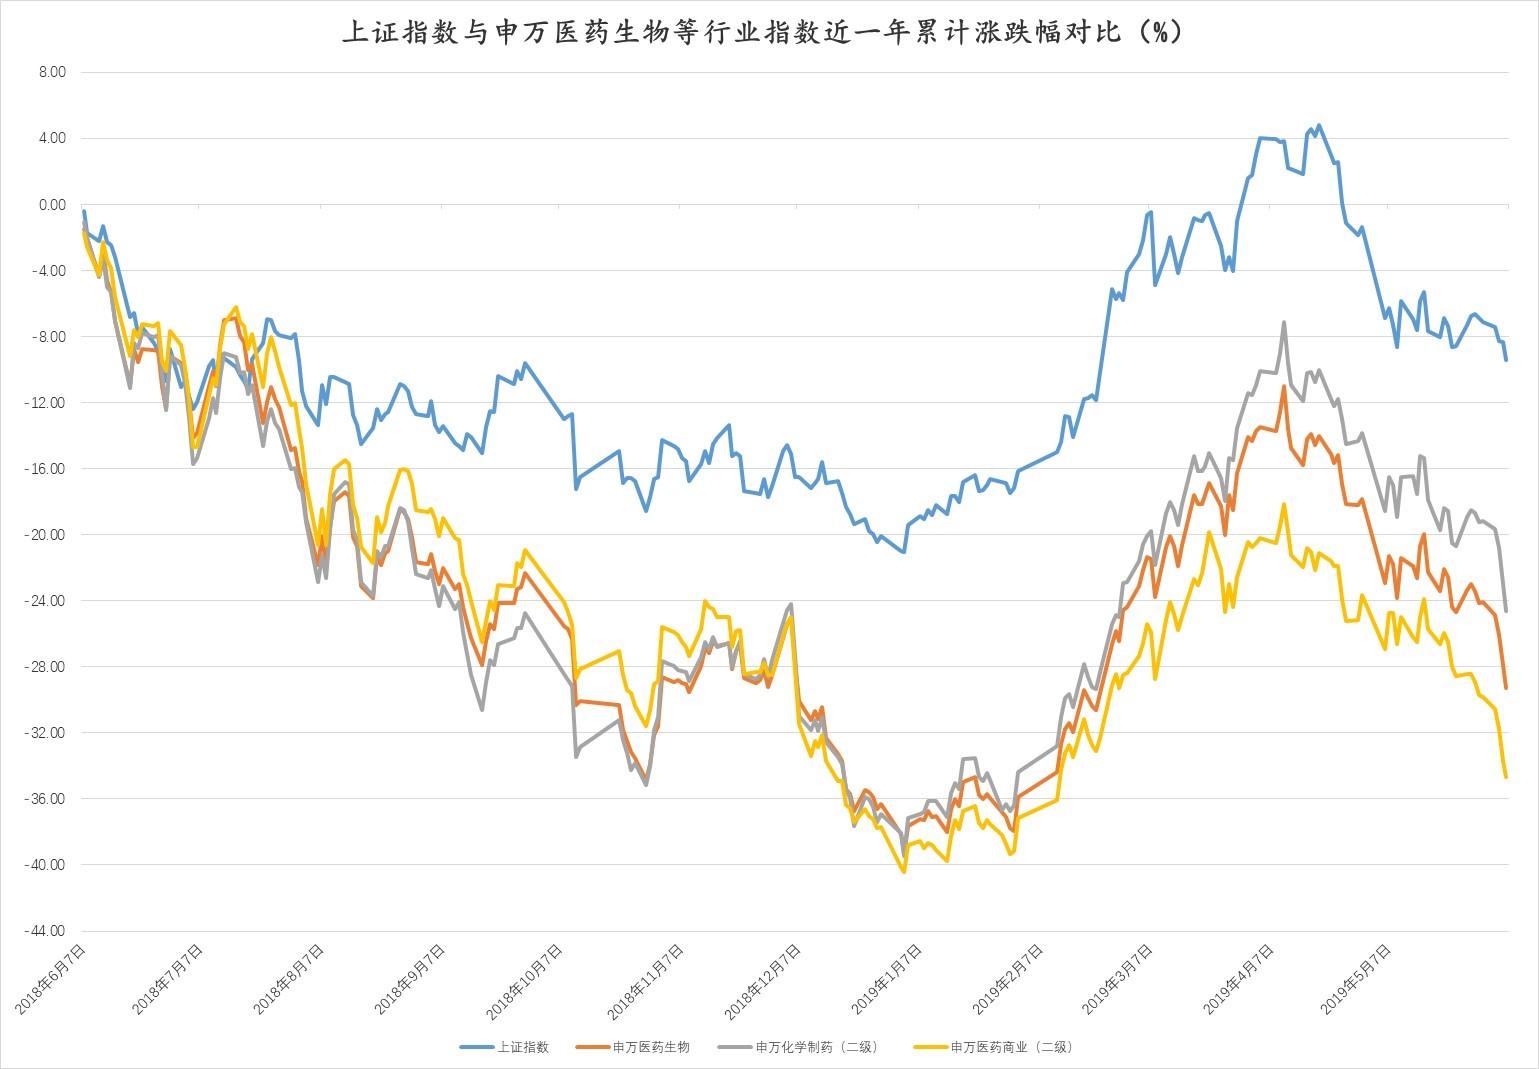 1. 近一年大盘及行业走势对比.jpg